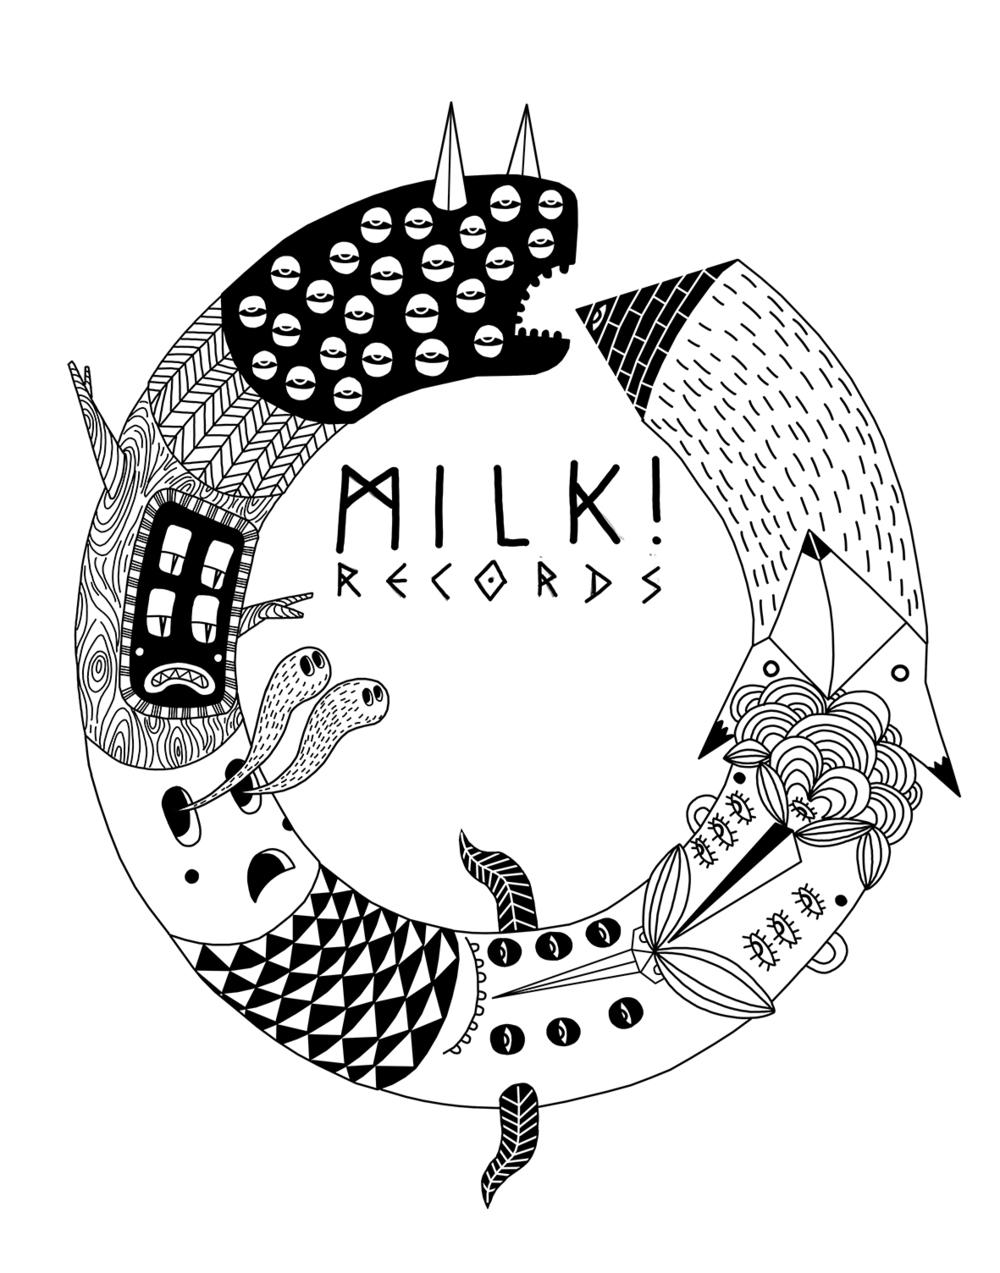 Milk Ouroborus